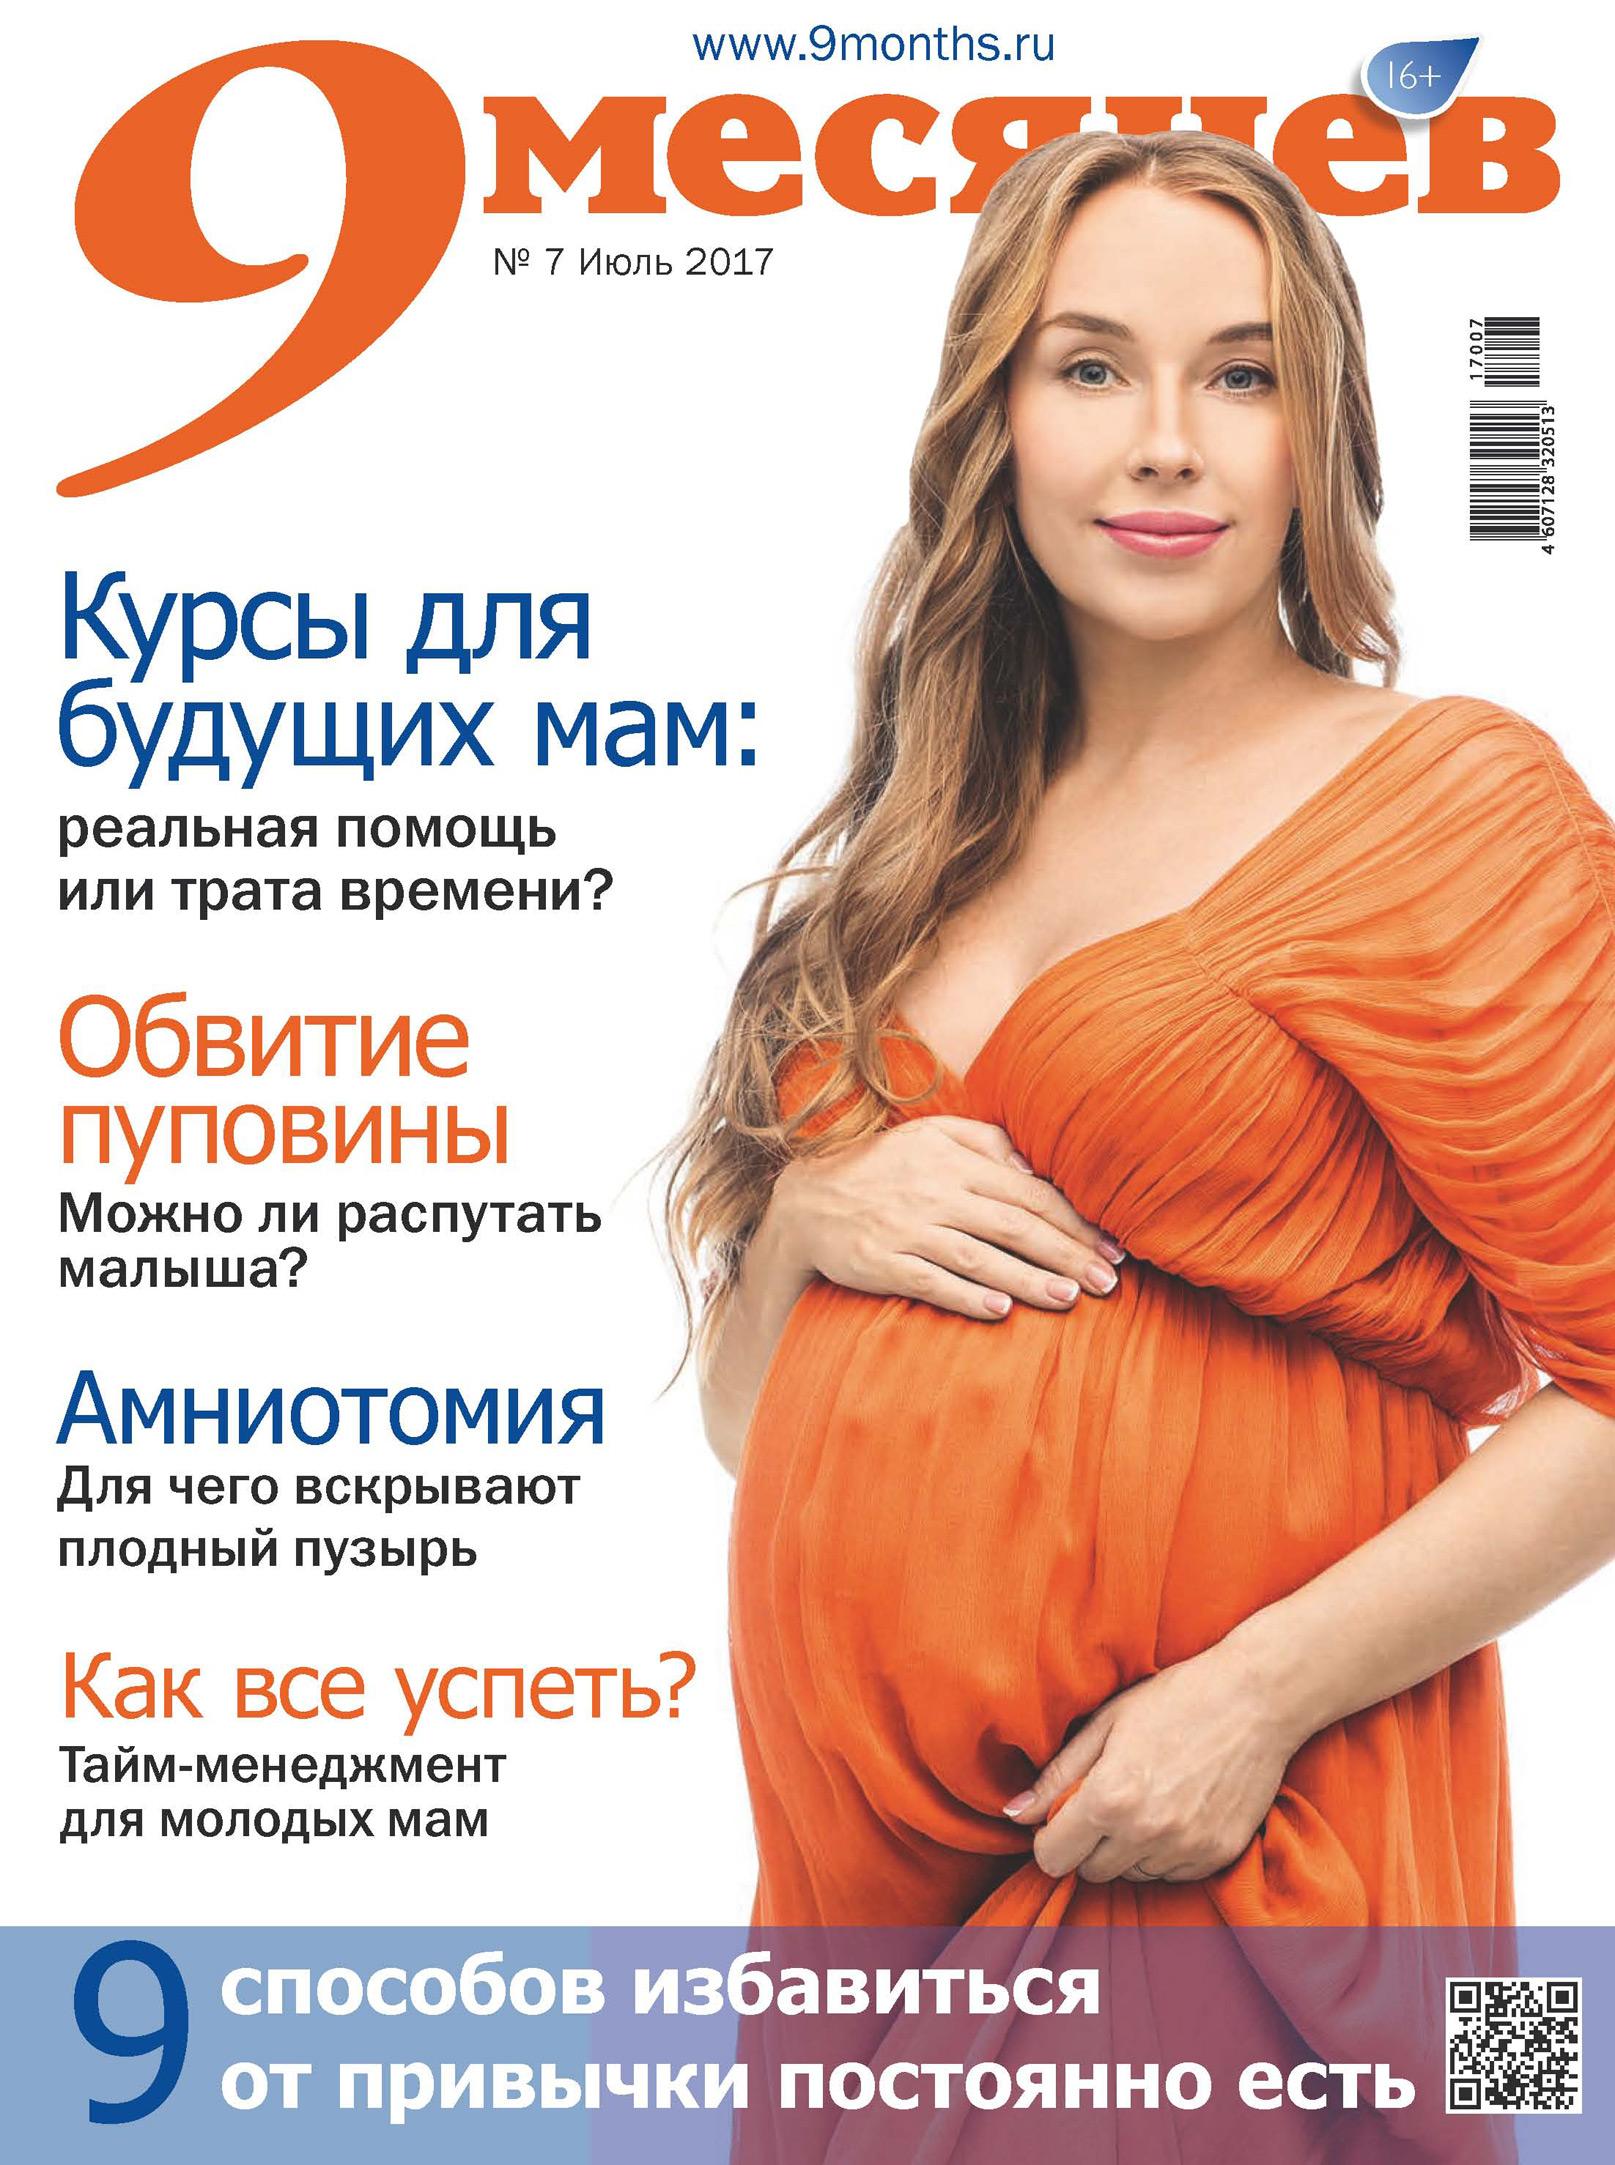 Отсутствует 9 месяцев № 7/2017 журнал 9 месяцев апрель 2017